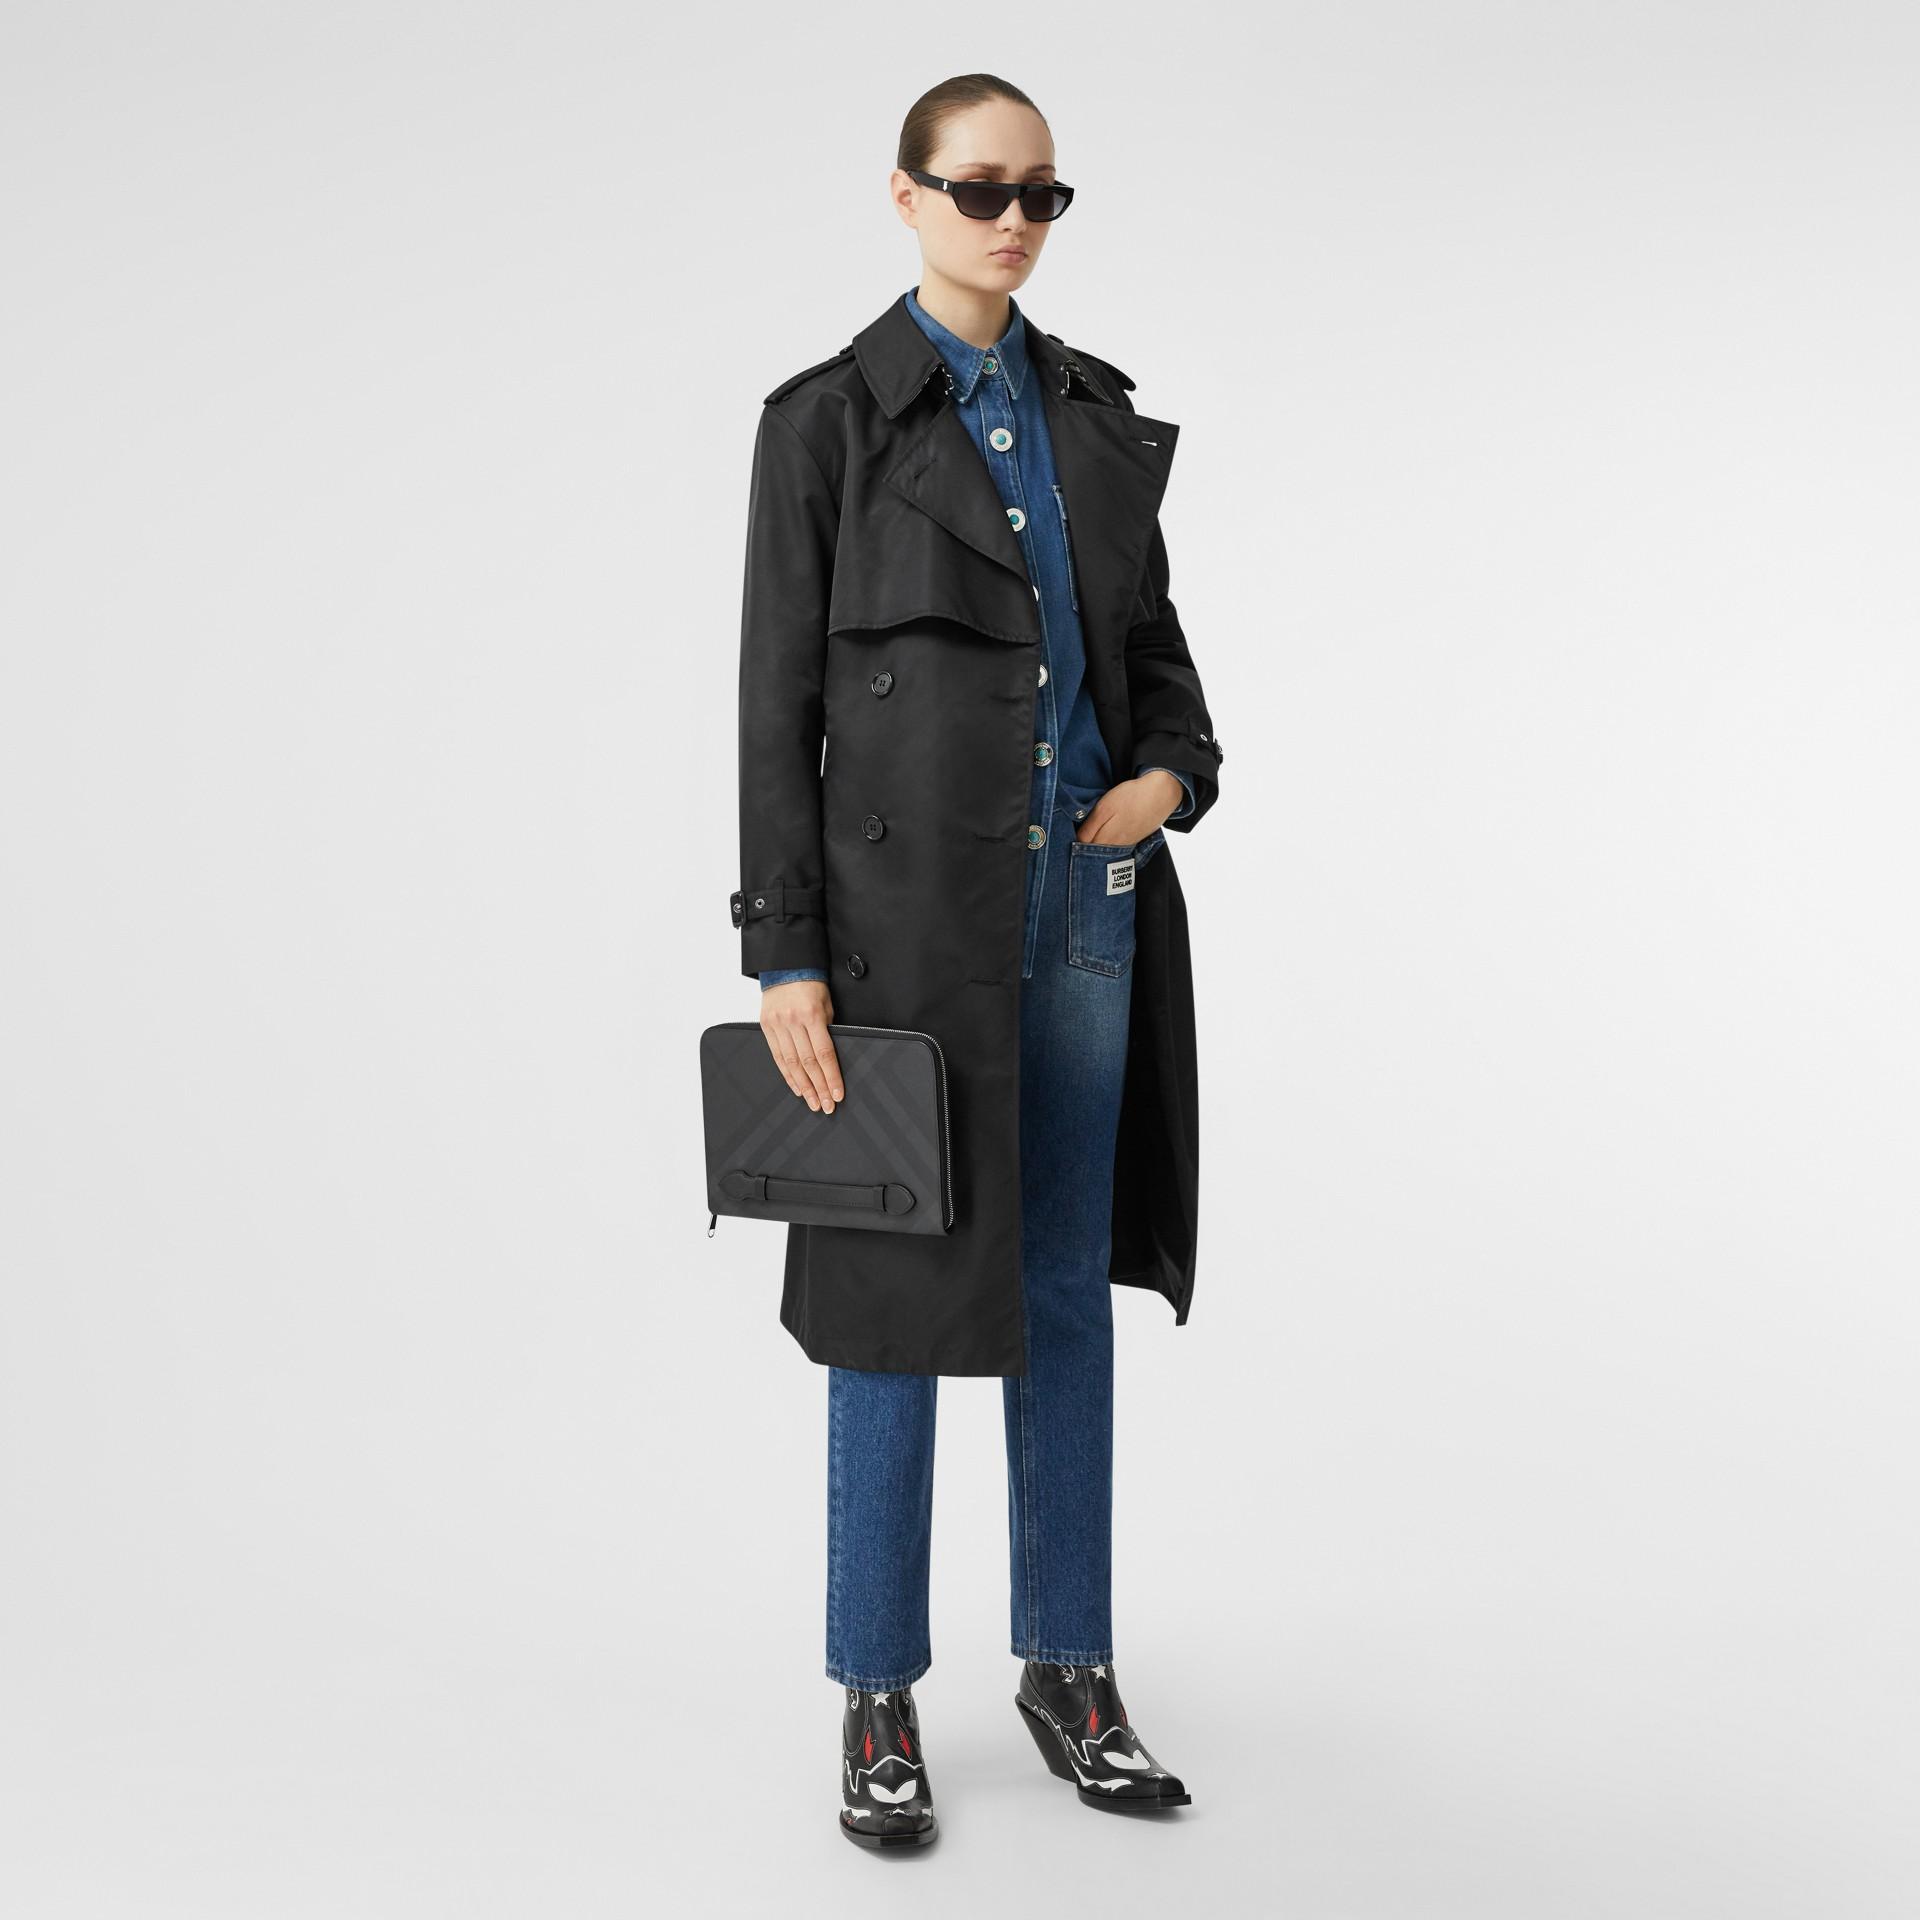 Pochette zippée en tissu London check et cuir (Anthracite Sombre) - Homme | Burberry - photo de la galerie 4